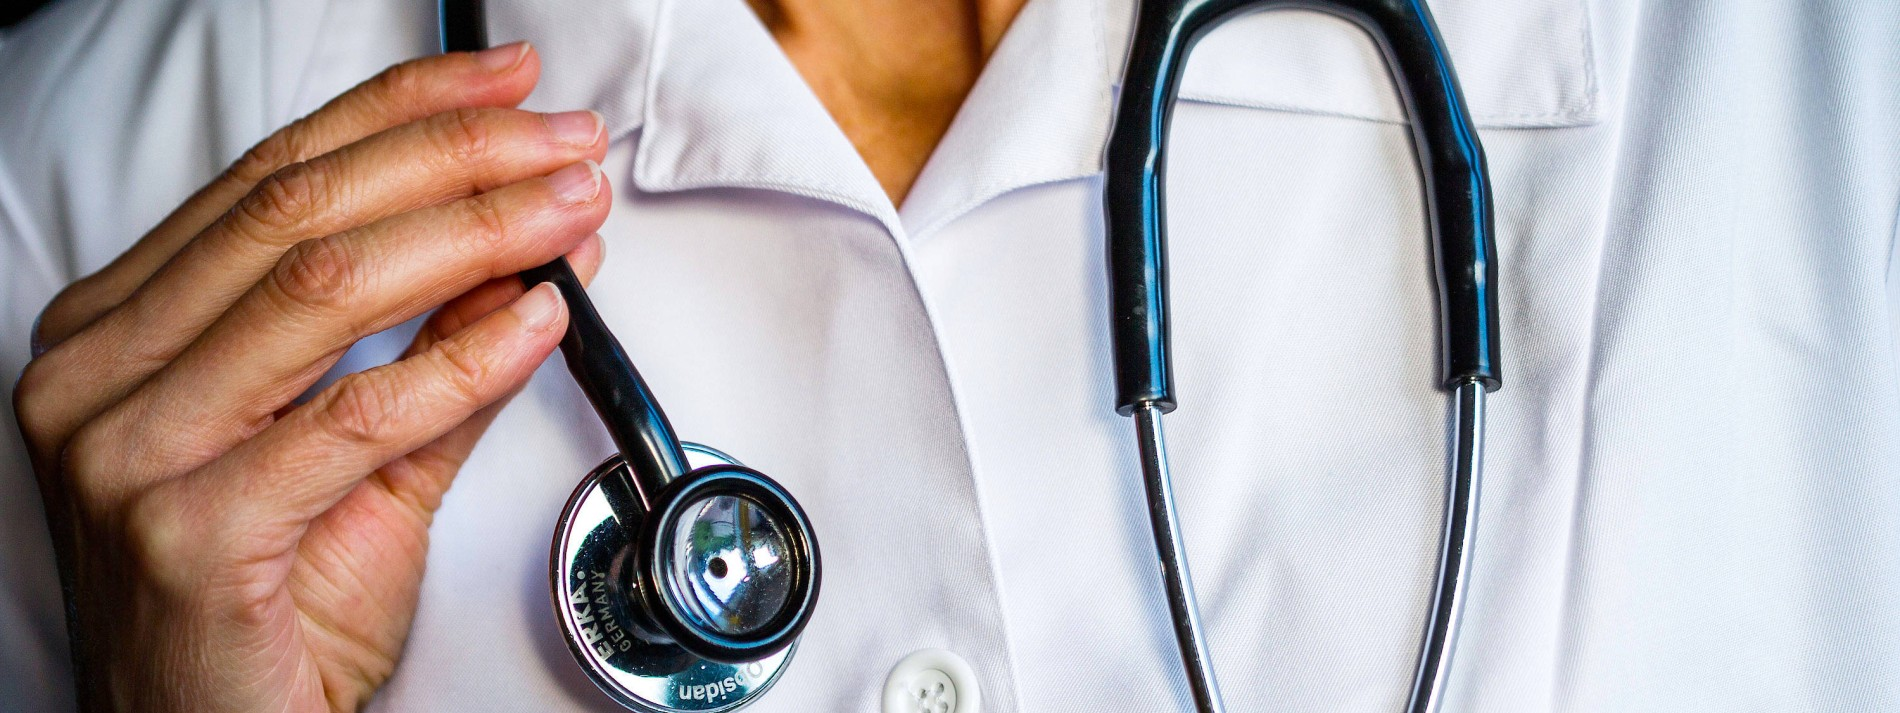 Erster Corona-Lockdown unterdrückte auch andere Infektionskrankheiten